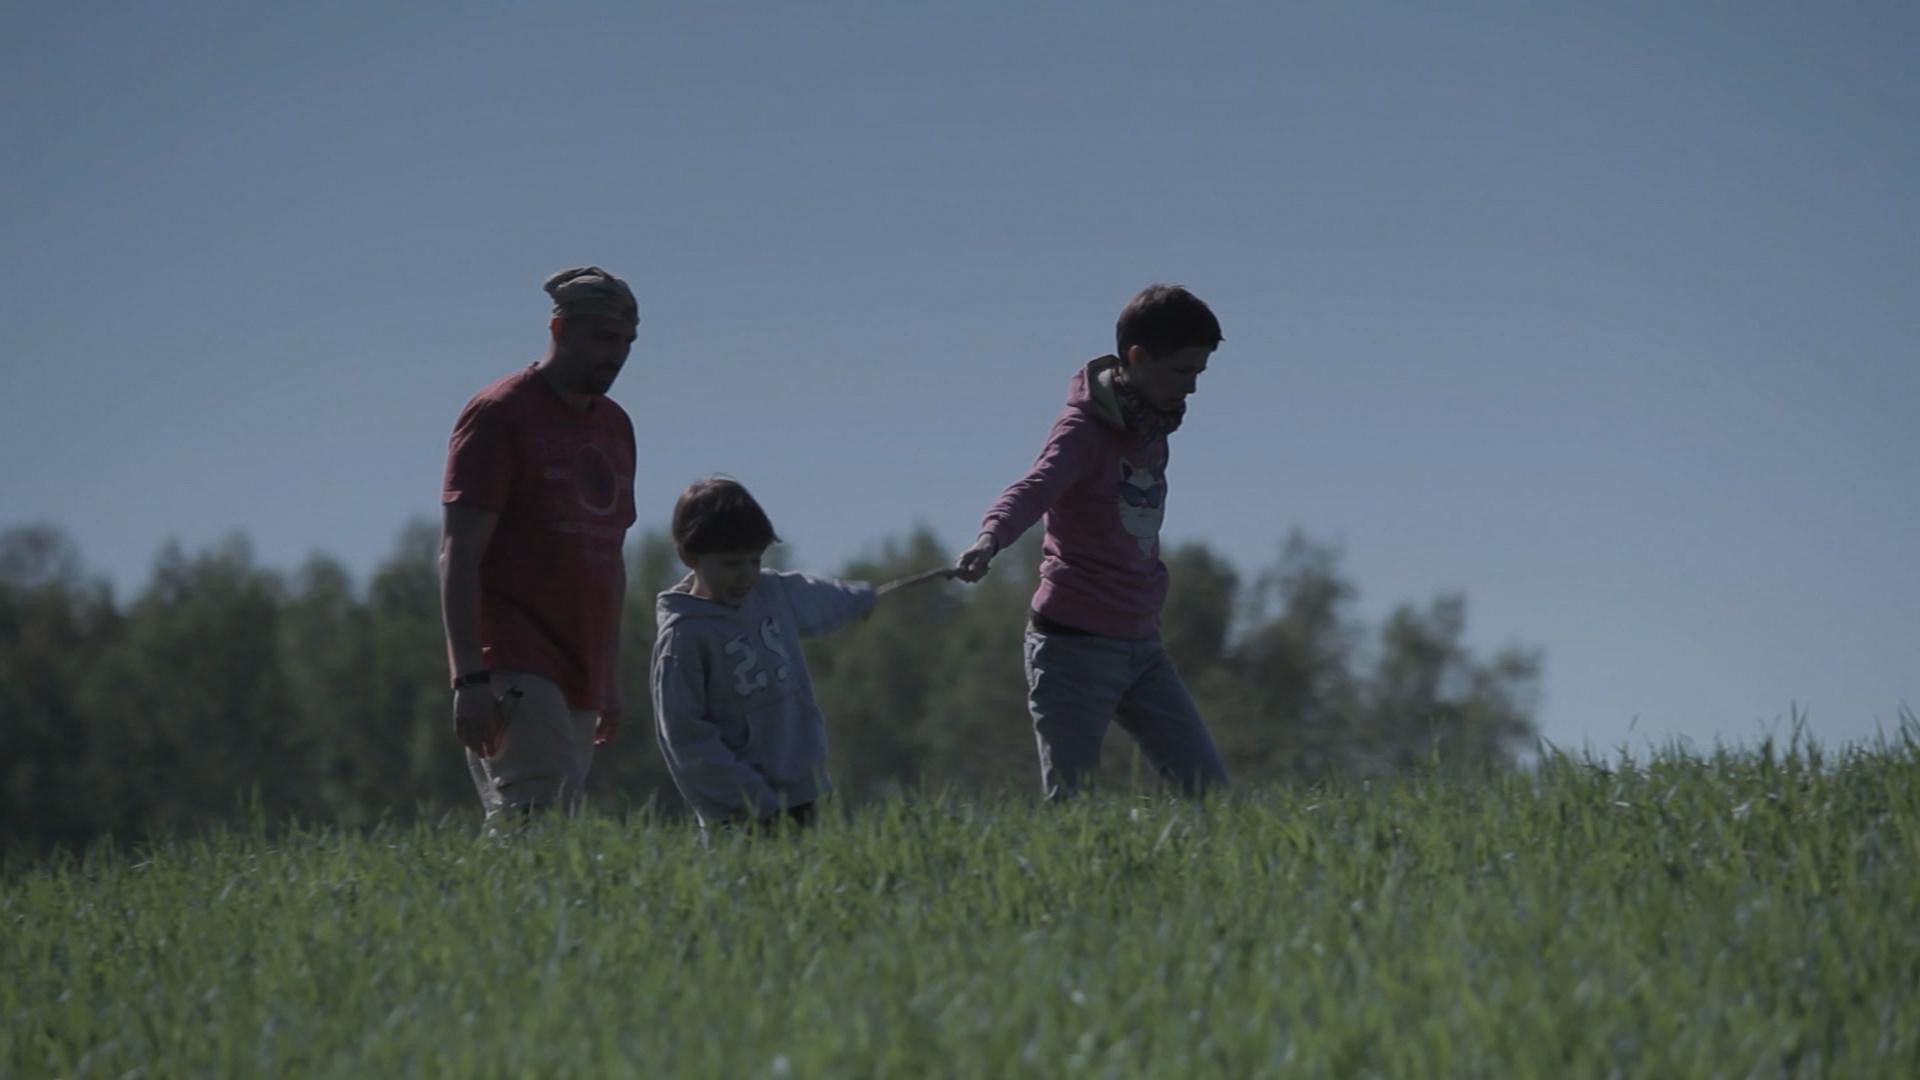 Joanna, Piotr i syn Jaś idą przez łąkę. Dziecko idzie w środku, Joanna trzyma je za rękę